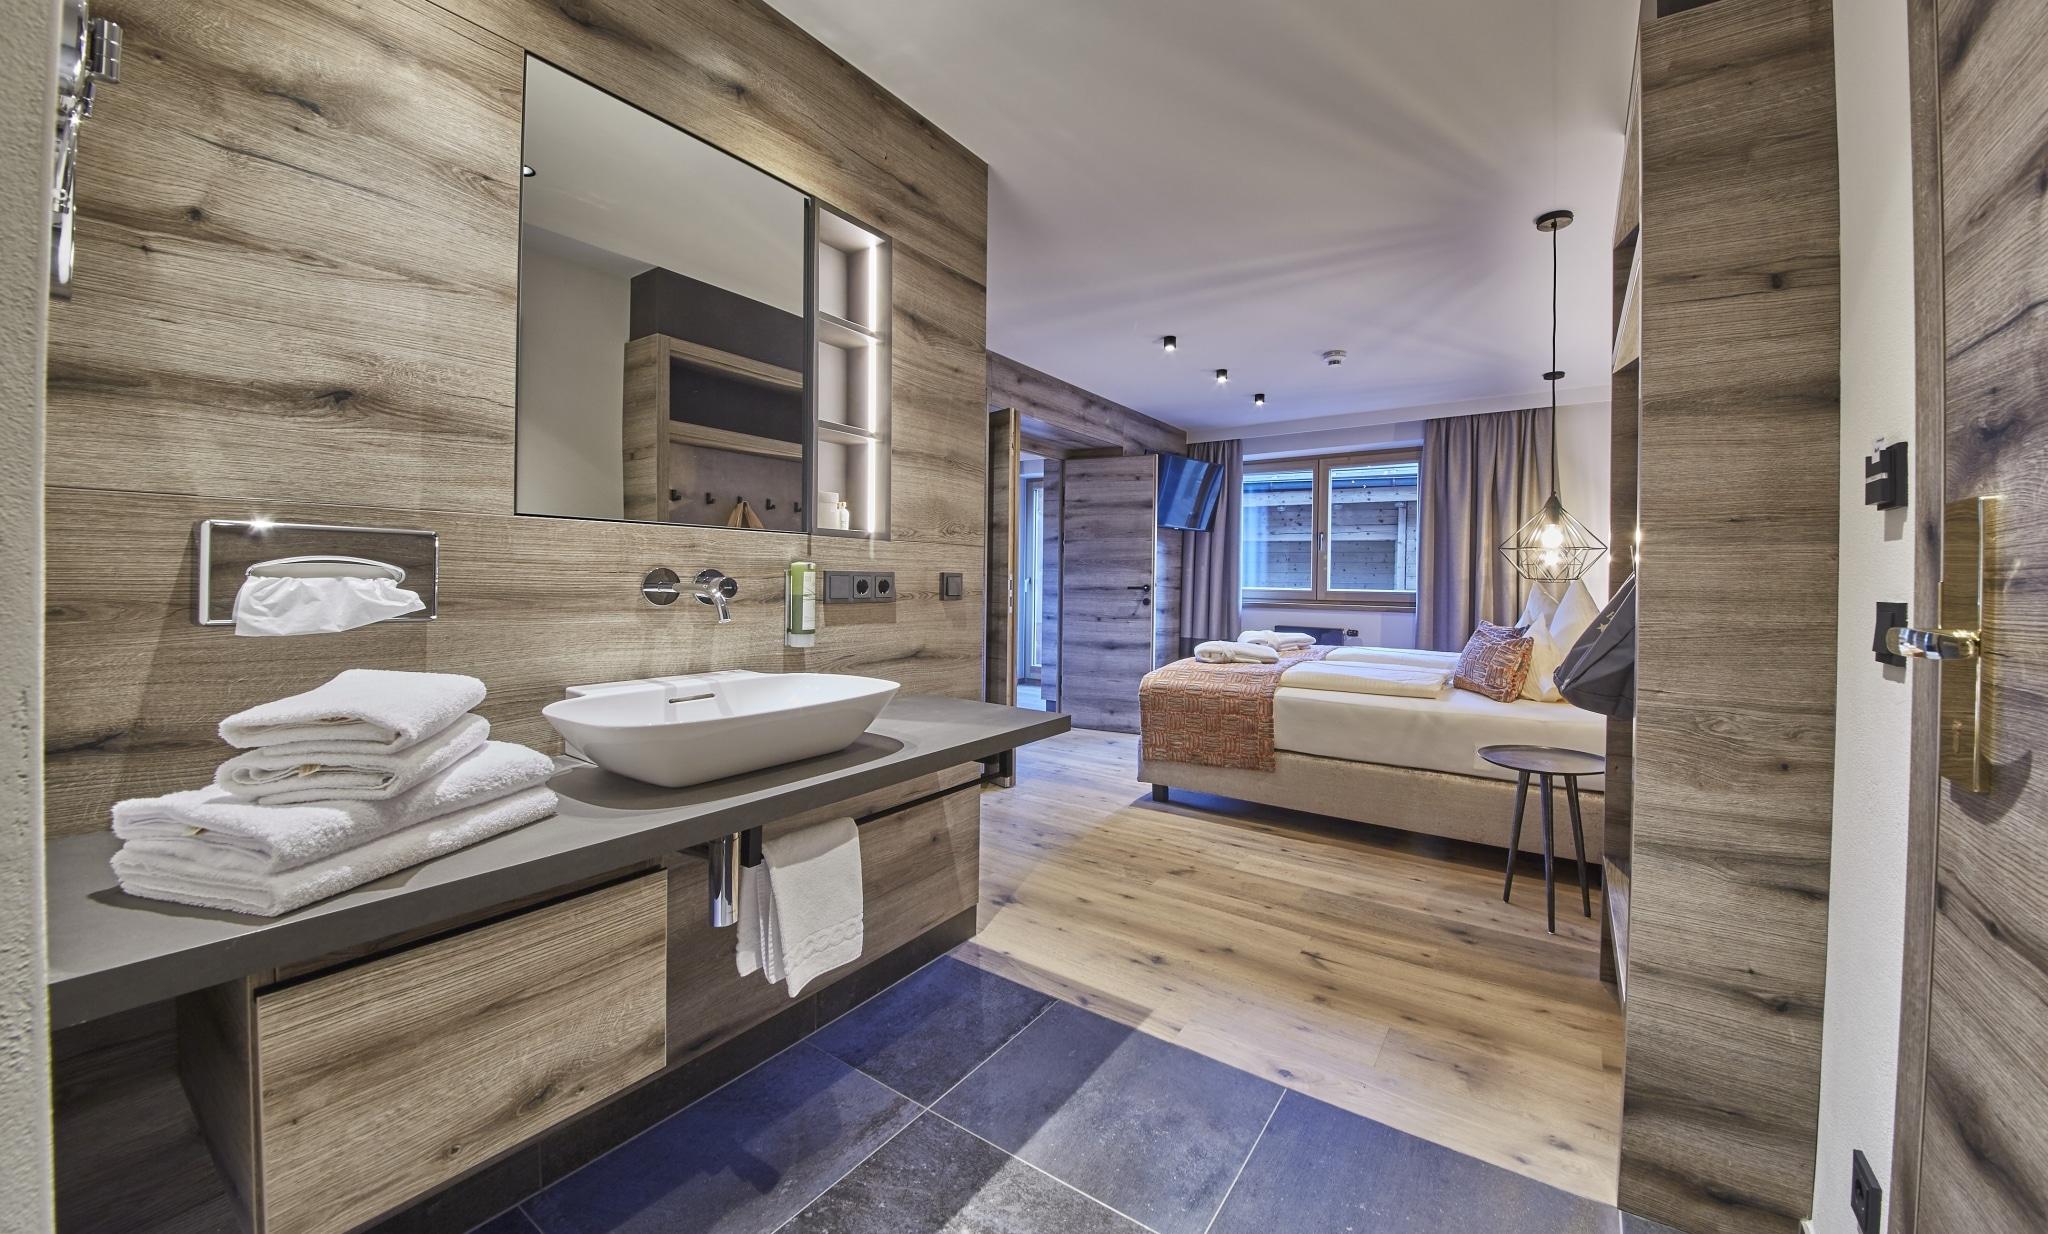 Studio Reiterkogel Blick auf Schlafzimmer aus Badezimmer